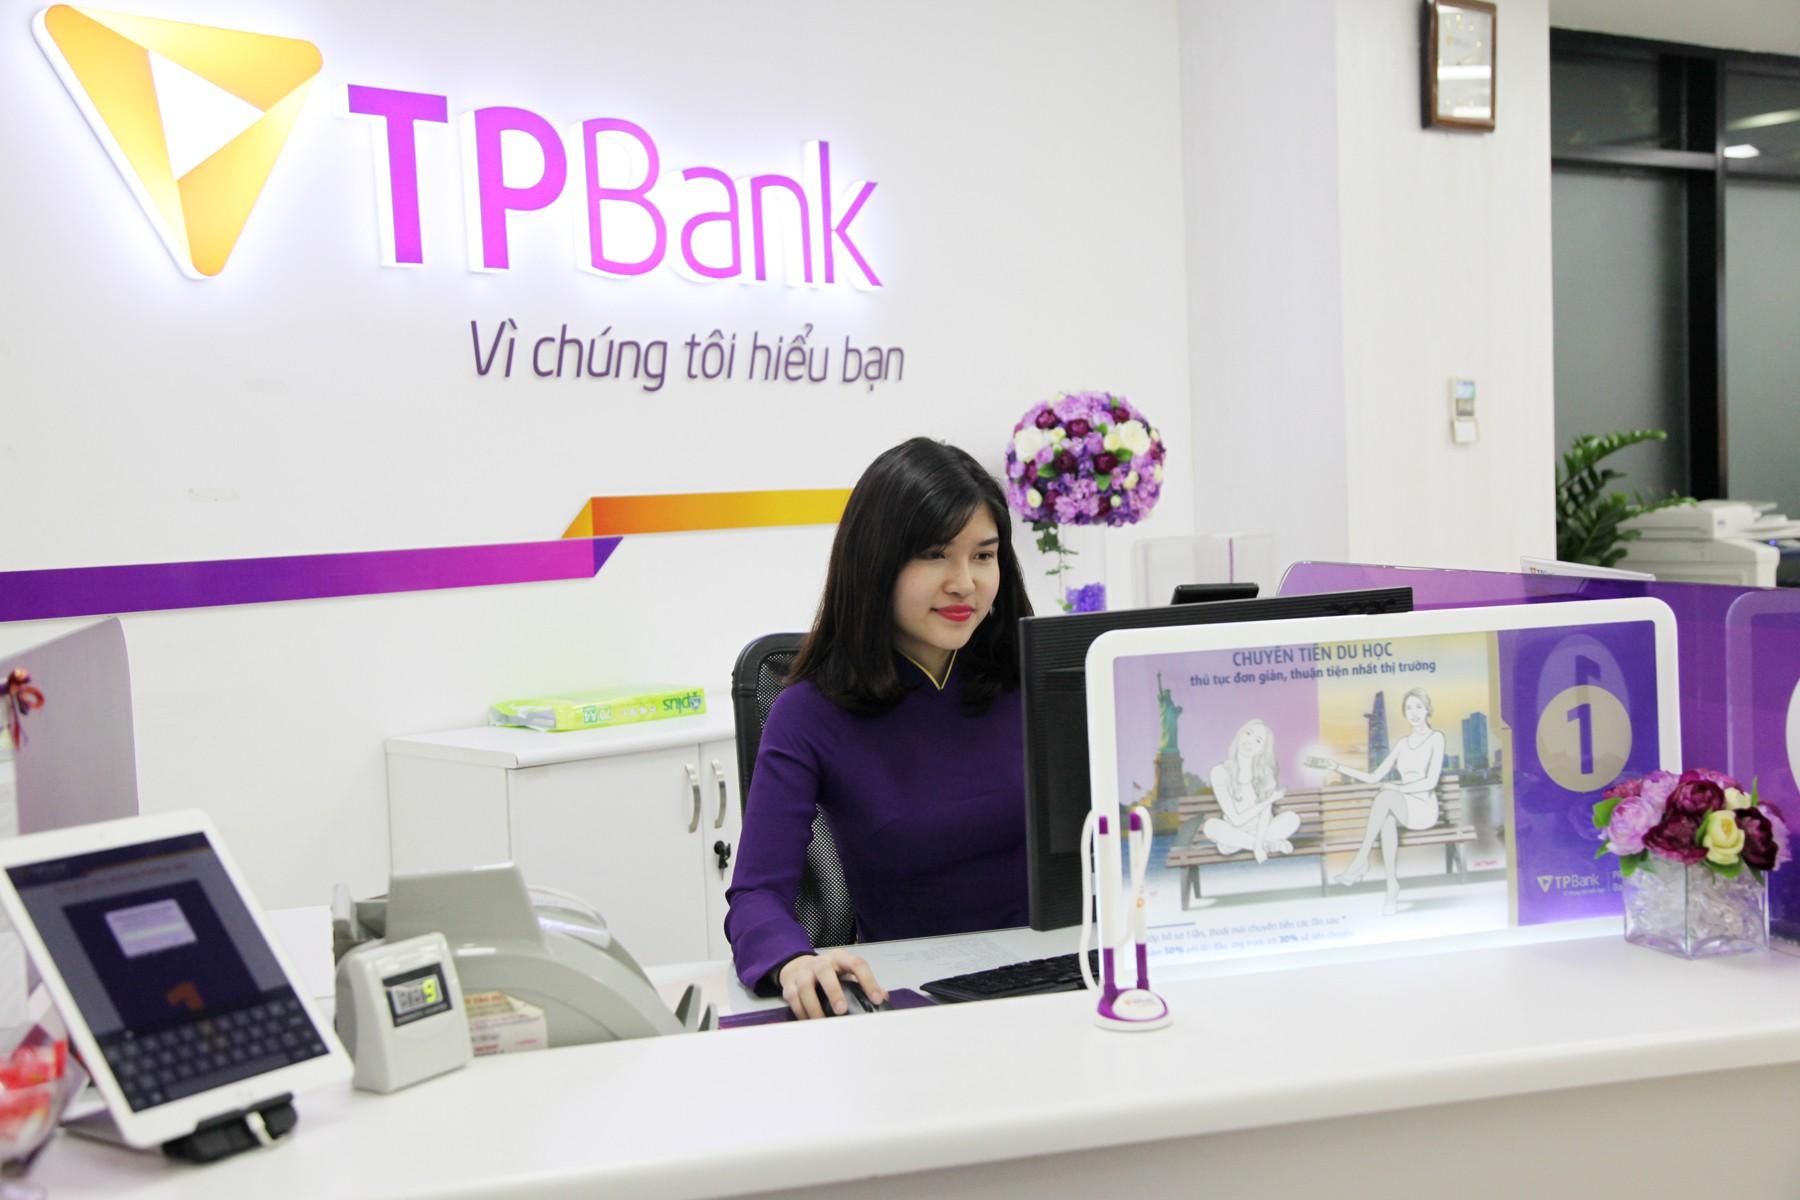 Lãi suất ngân hàng TPBank mới nhất tháng 6/2019  - Ảnh 1.